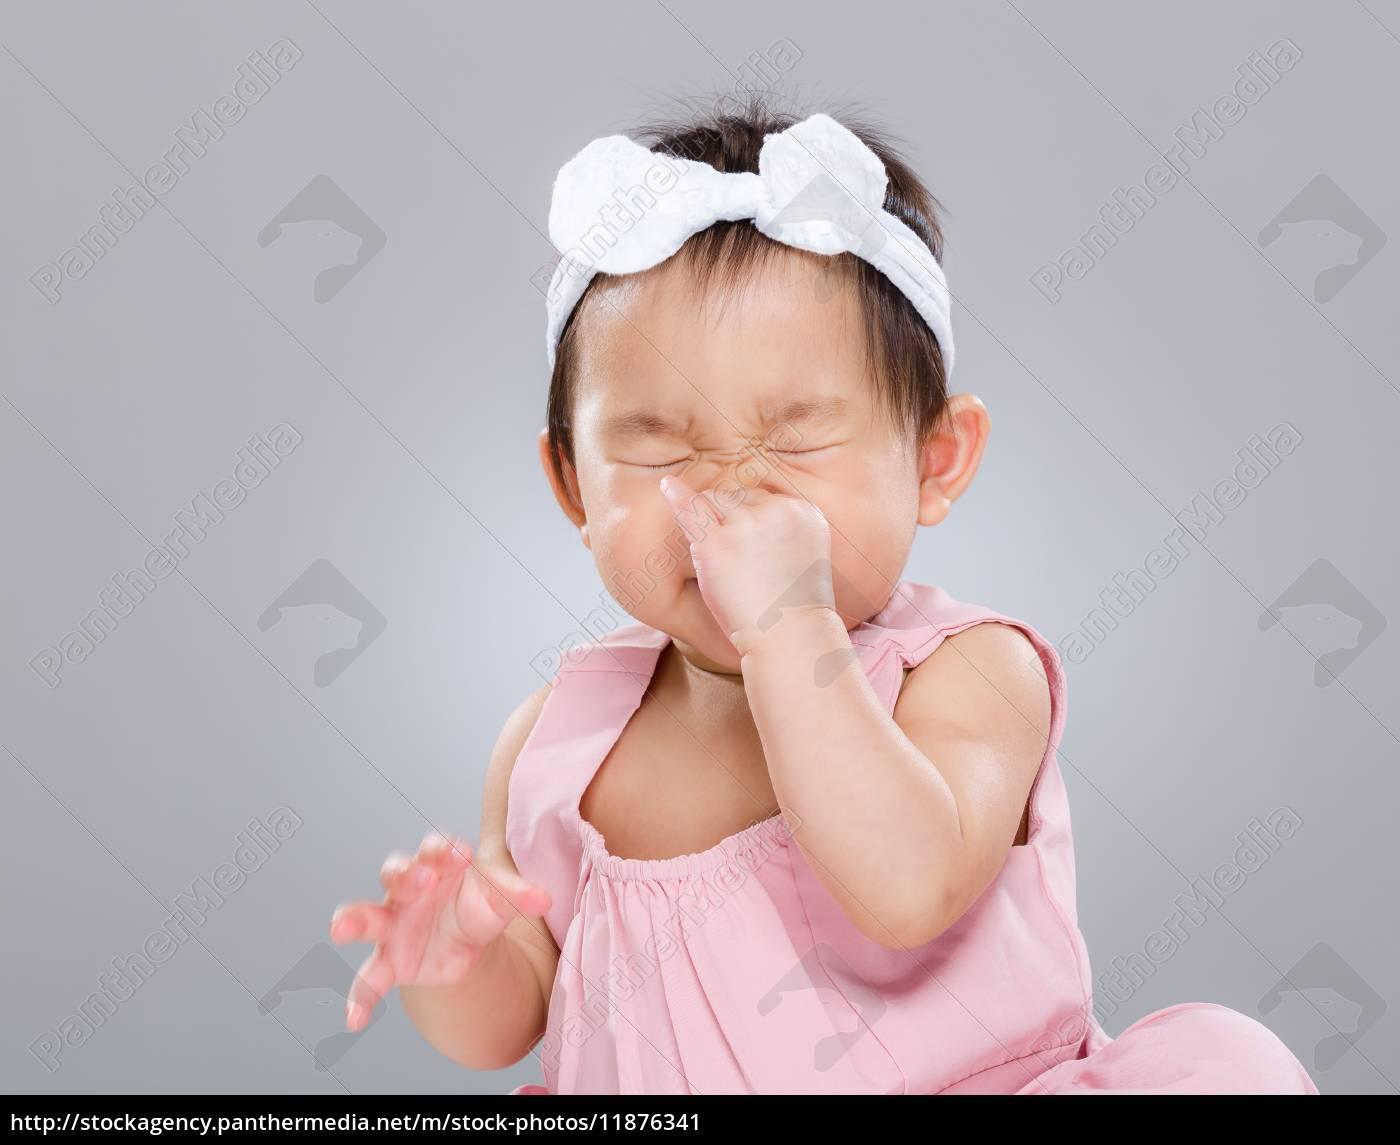 baby, girl, sneeze - 11876341